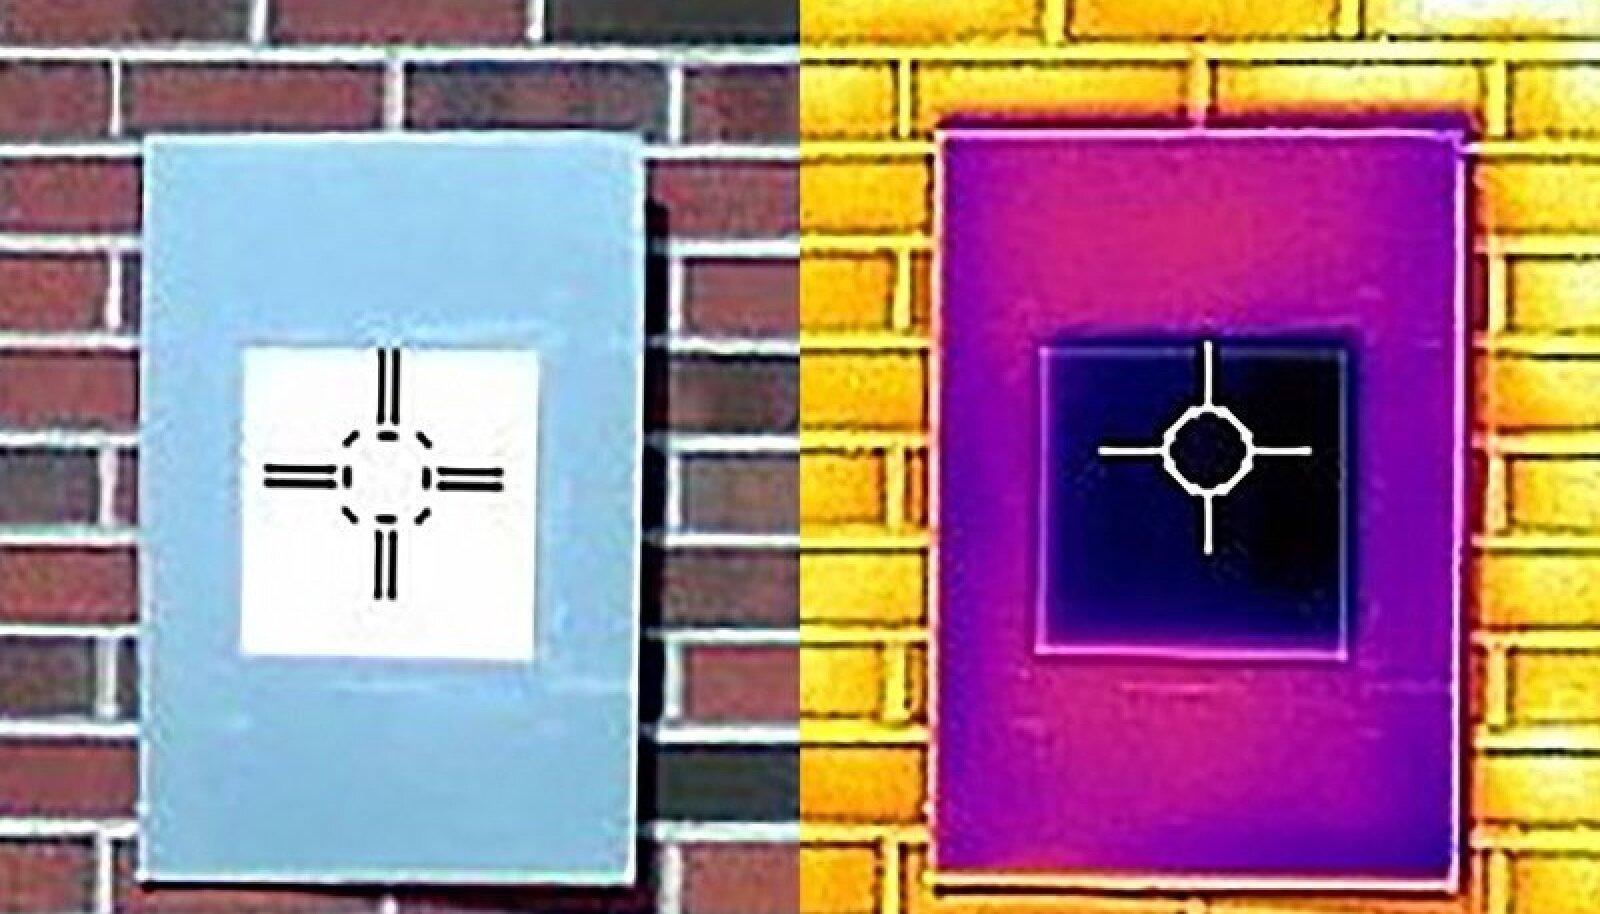 """Infrapunakaamera näitab, kuidas valgeimast valge värvi proovitükk (tumelilla ruudu keskel) jahutab plaadi ümbritsevast õhust madalamale temperatuurile, mida isegi seni müüdavad """"soojust tõrjuvad"""" värvid ei suuda."""